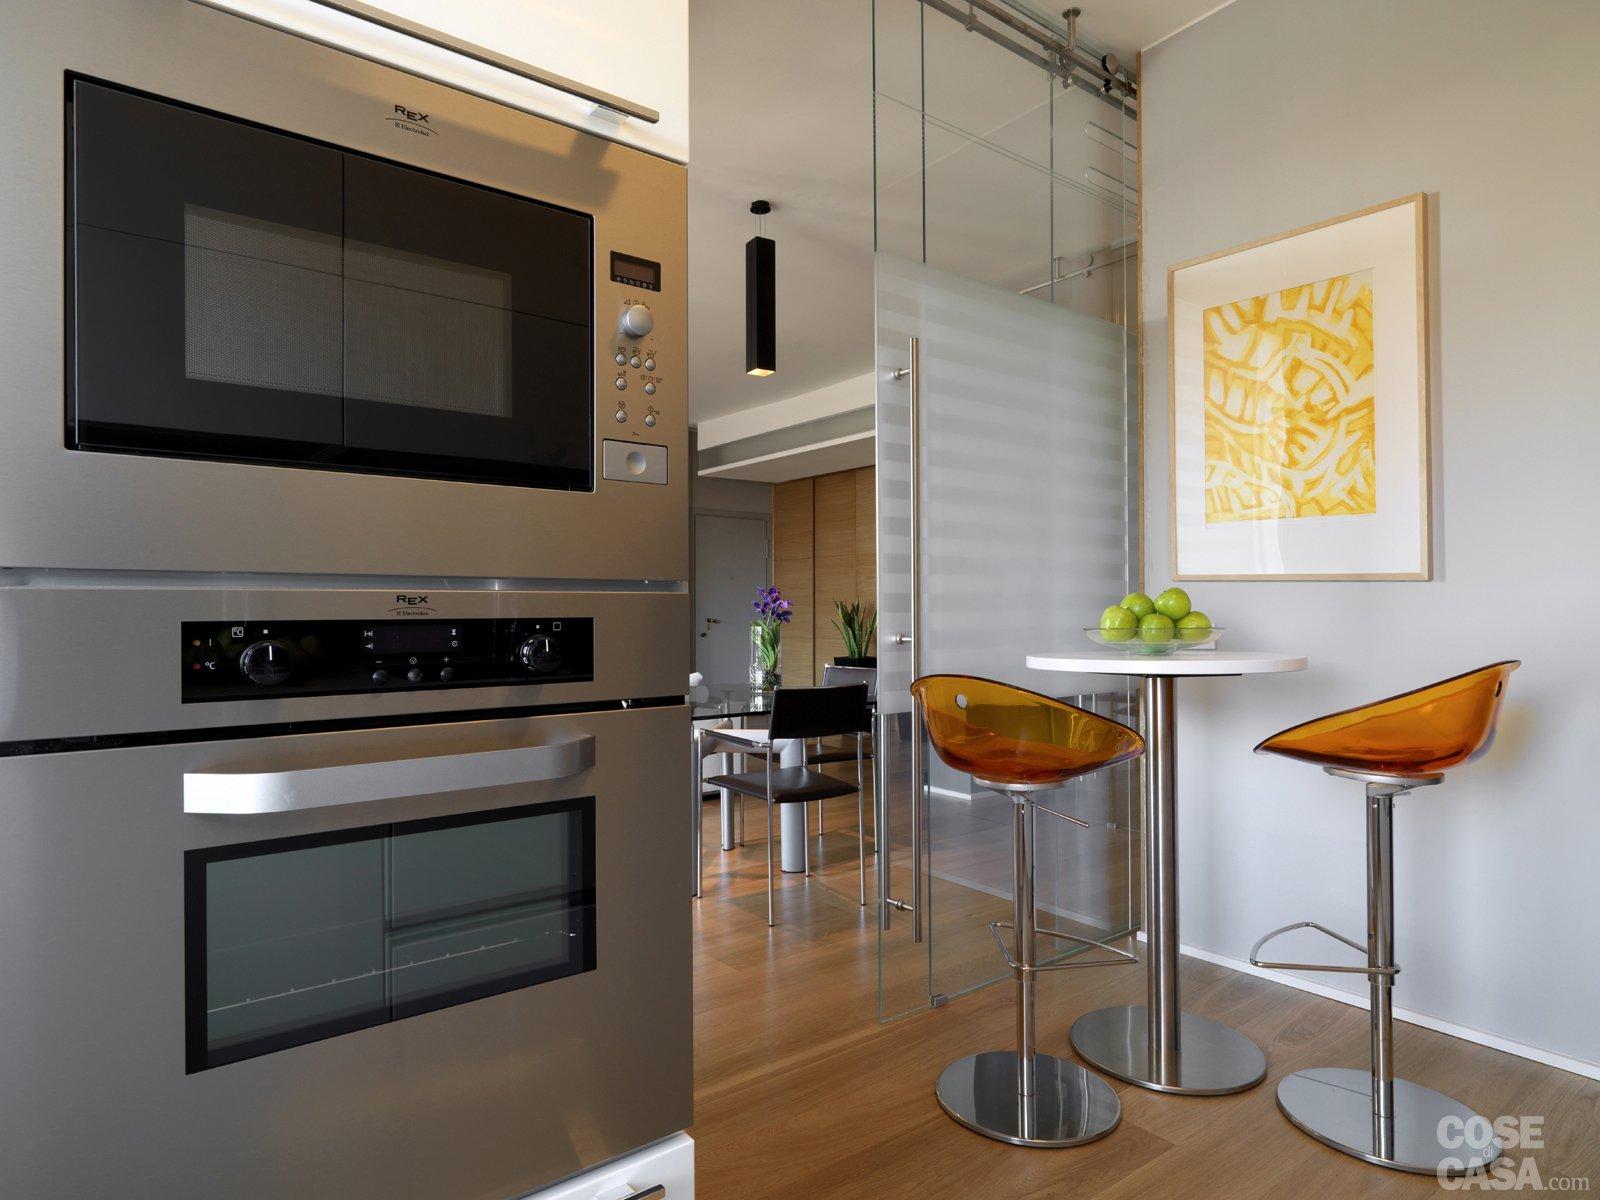 Unico Cucina Soggiorno: Cucina A Vista Idee Per Arredare E Soggiorno #A46F27 1600 1200 Come Arredare Soggiorno Piccolo Con Cucina A Vista